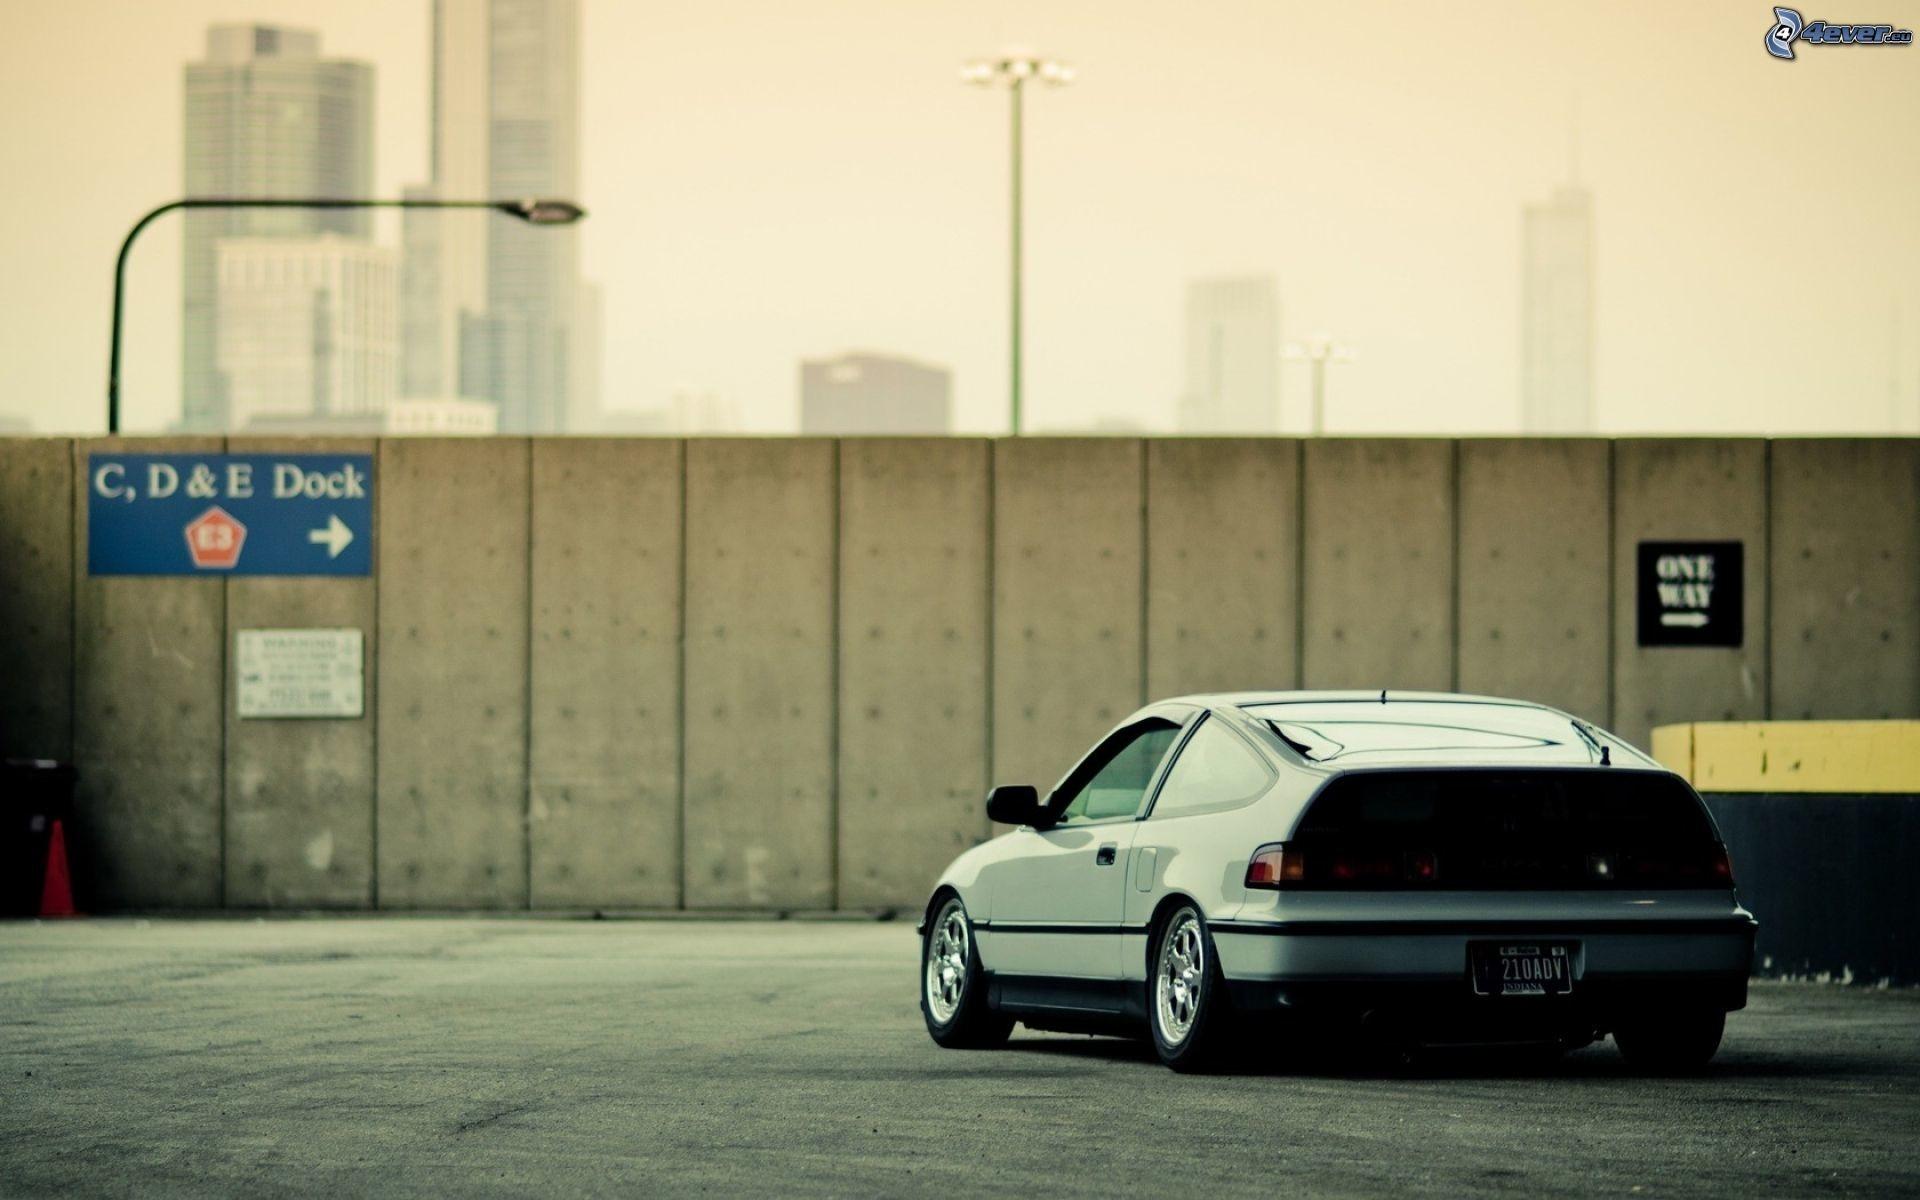 Honda Crx Wallpaper (38+ images)